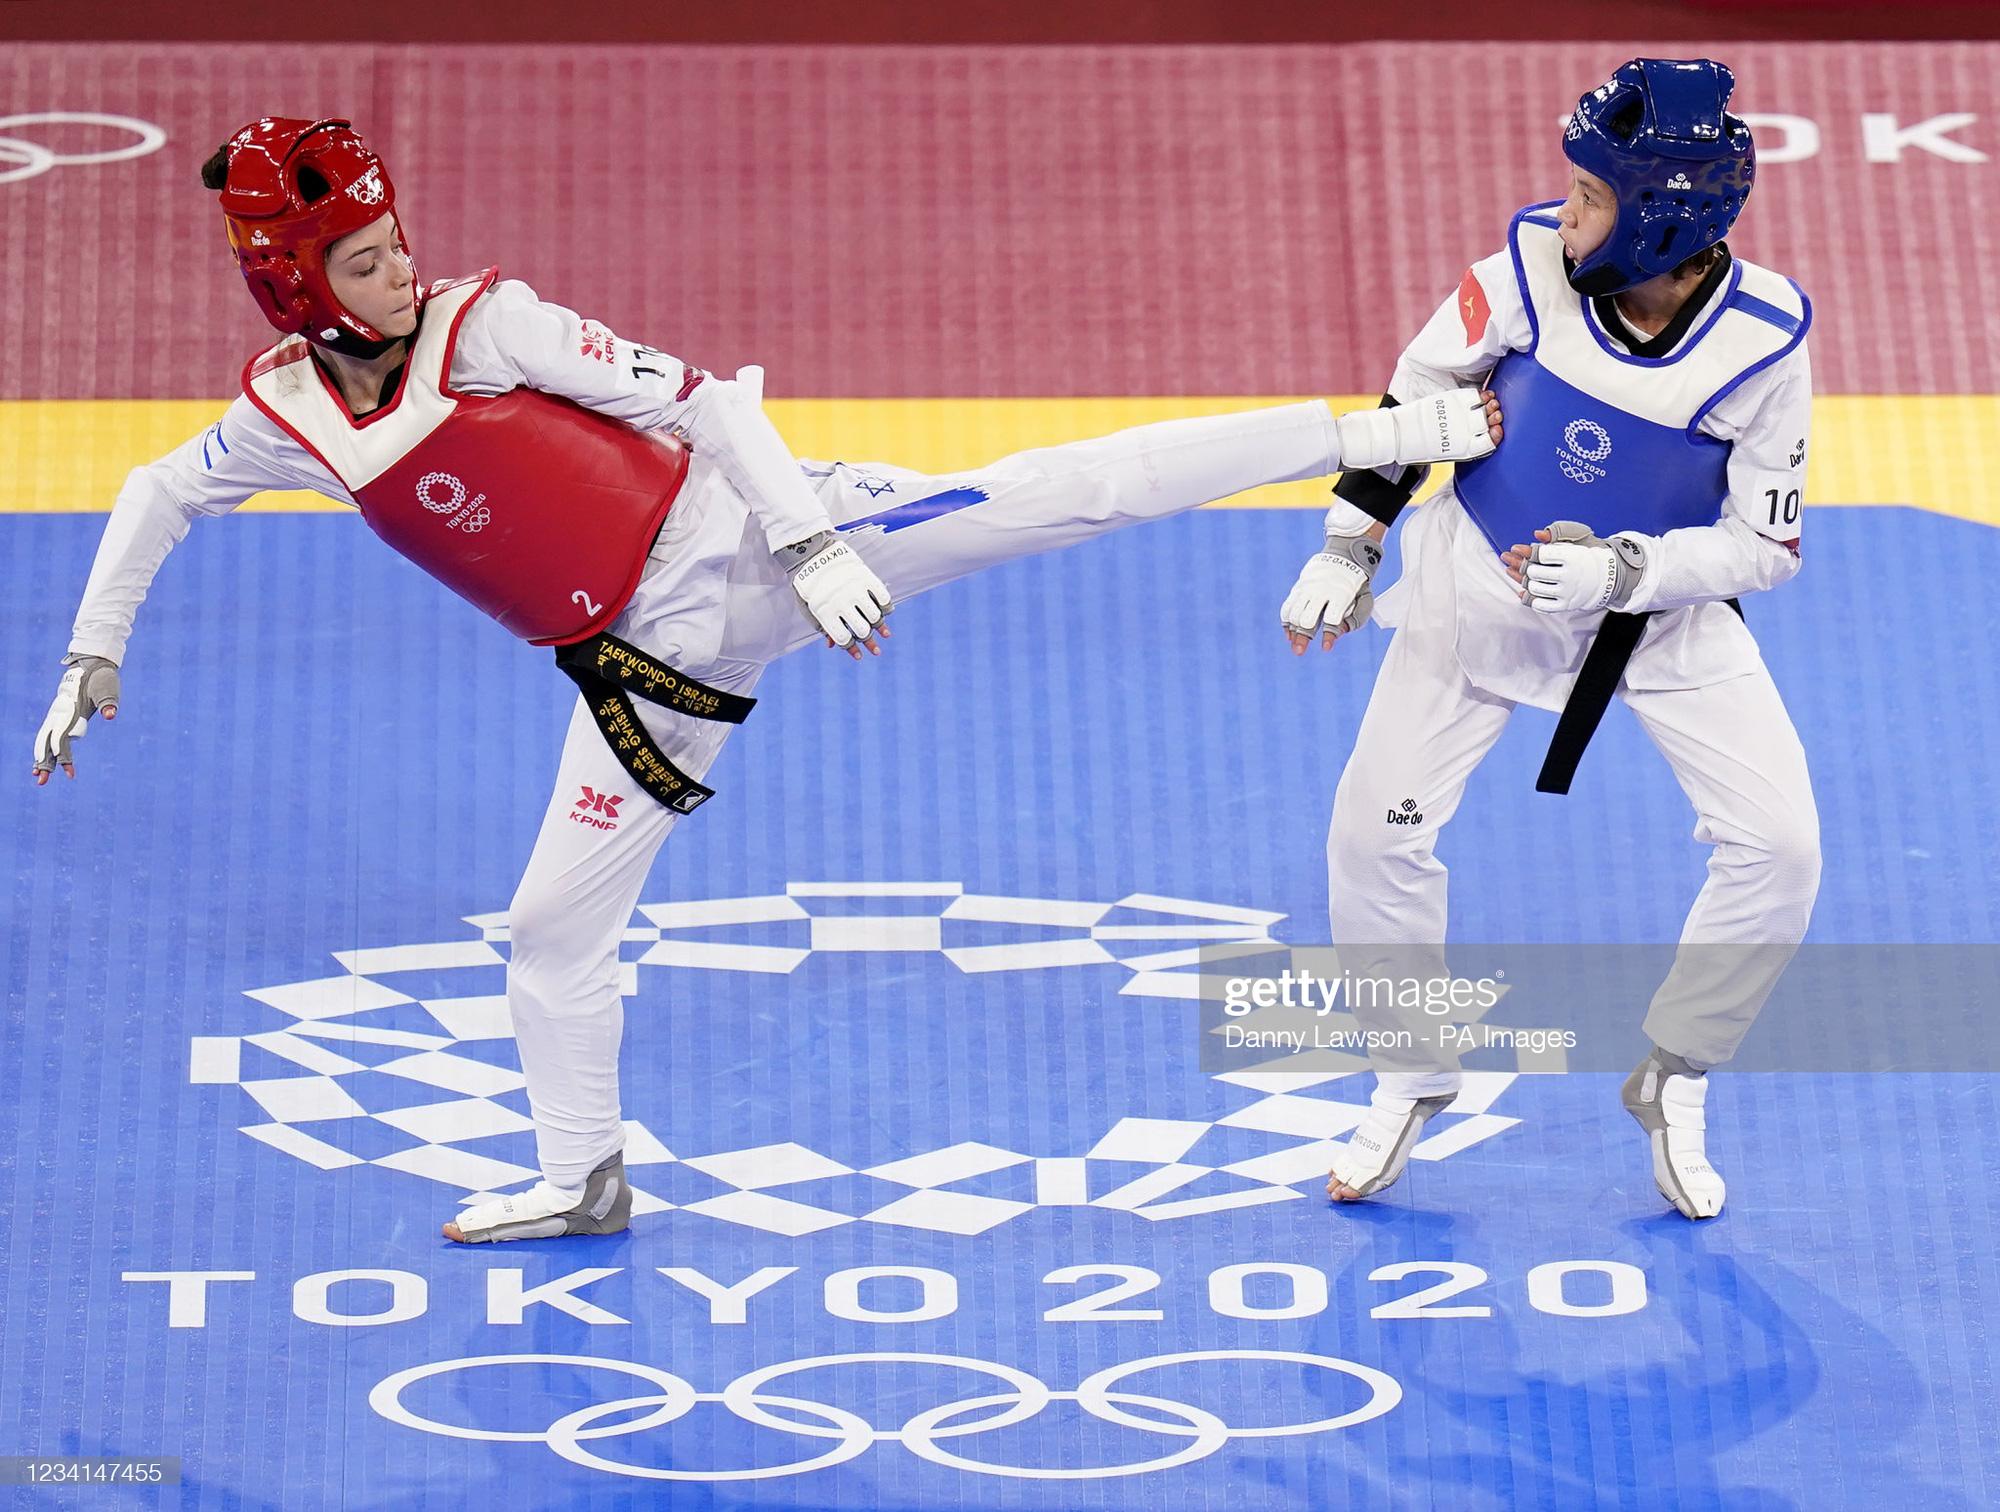 Nỗ lực đến đổ máu, Kim Tuyền (Taekwondo) phải dừng bước tiếc nuối ở Olympic Tokyo 2020 - Ảnh 10.